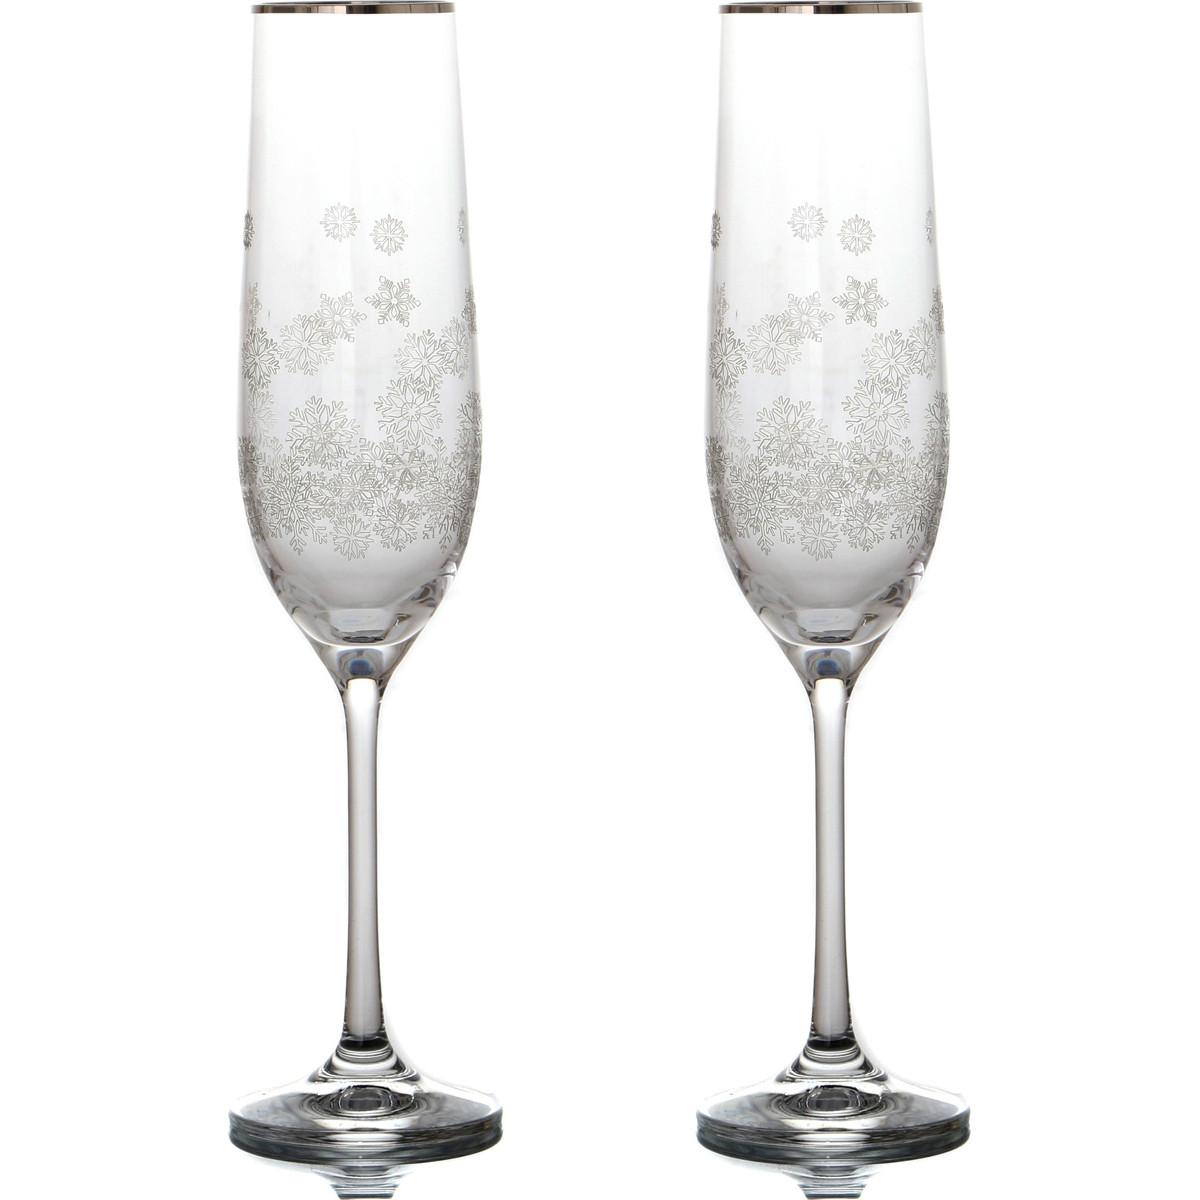 {} Bohemia Crystal Набор бокалов для шампанского Tansy (24 см - 2 шт) bohemia crystal набор бокалов для шампанского felina 25 см 2 шт